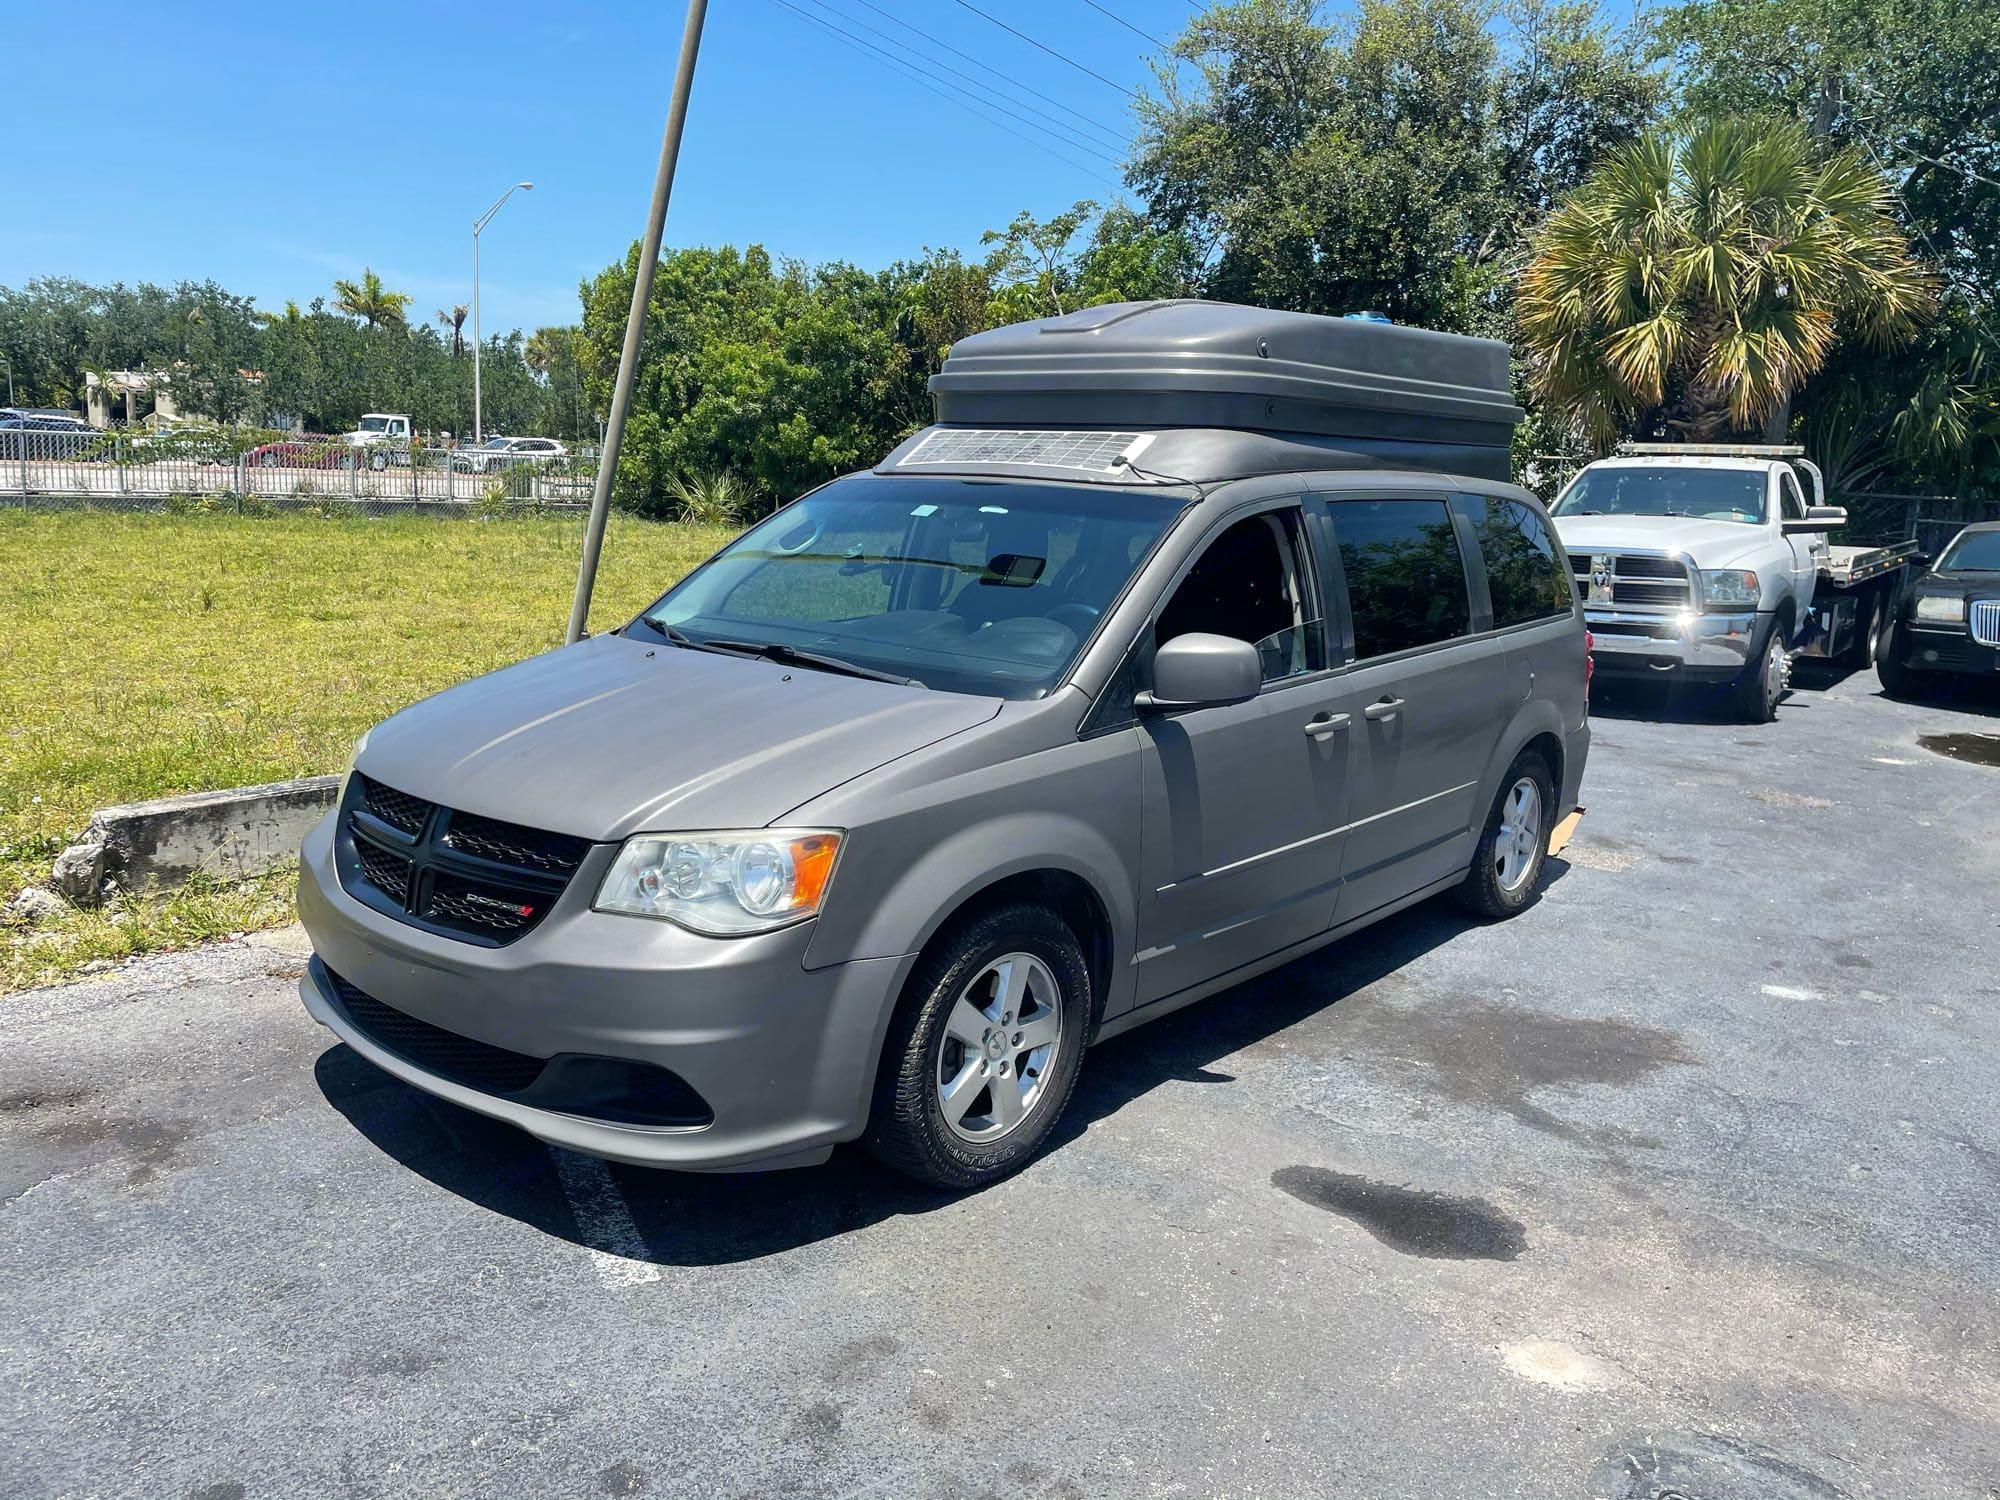 NEW PAINT JOB. Dodge grand caravan 2012